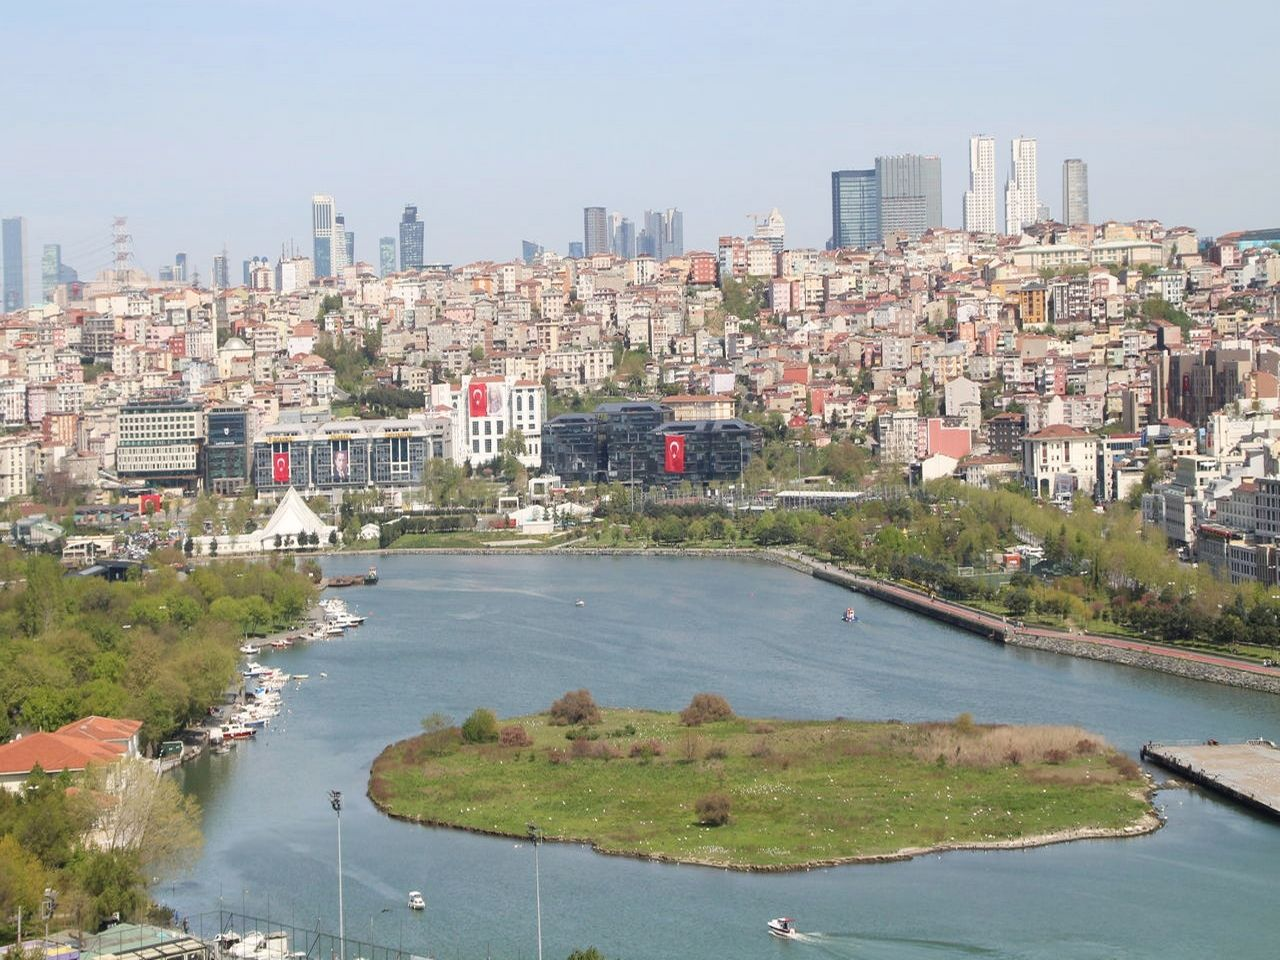 Presupuesto para viajar a Turquía, la mezcla entre Oriente y Occidente.